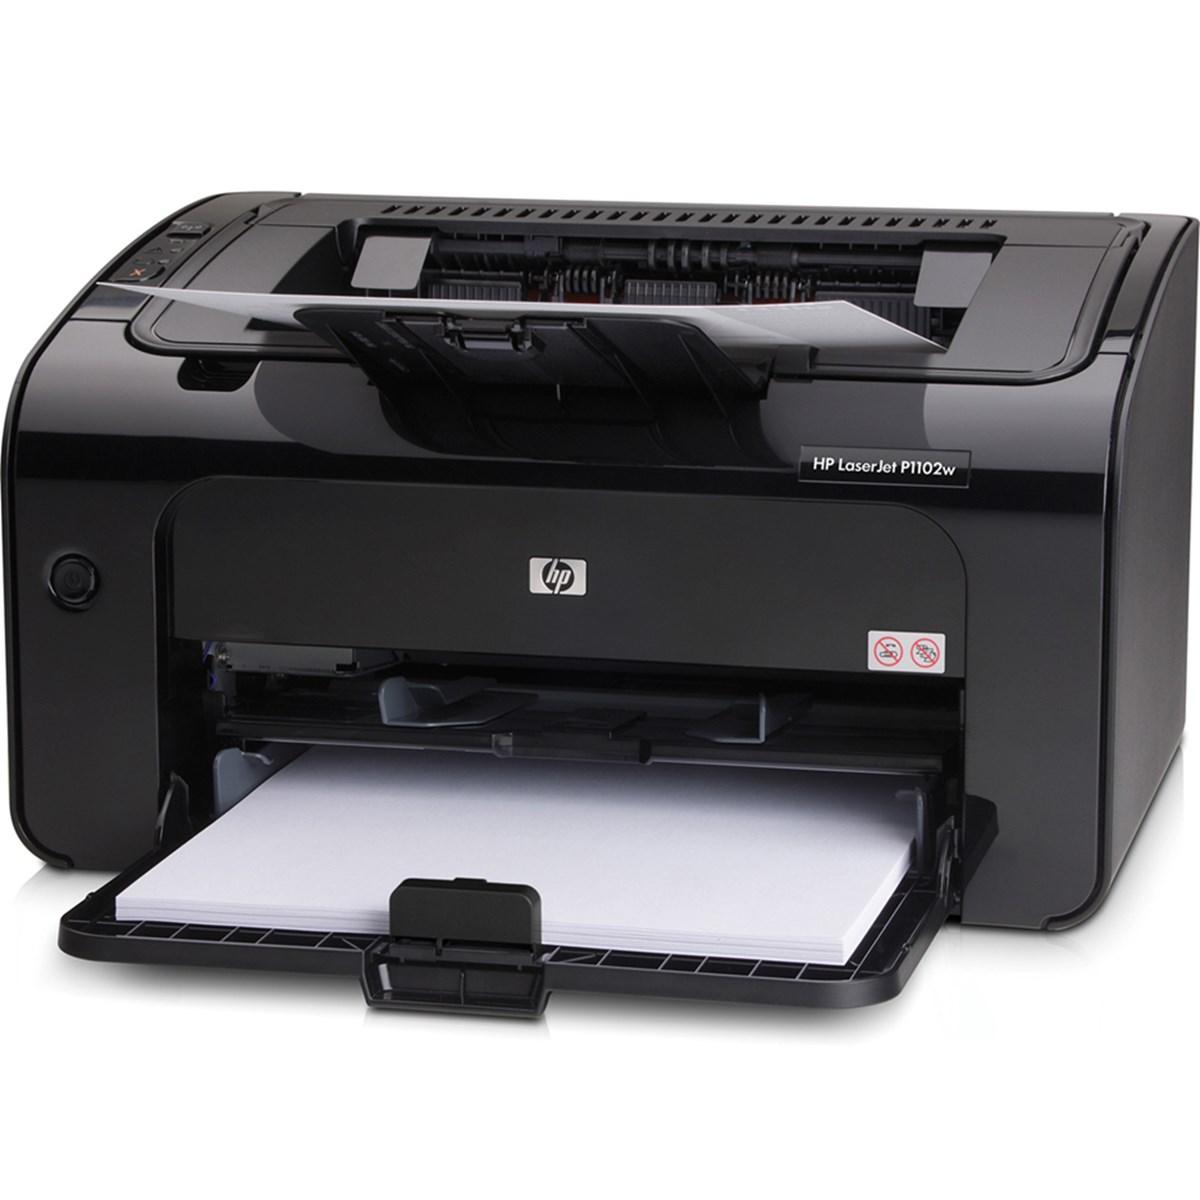 Saiba Porque A Impressora Fica Offline E Como Resolver